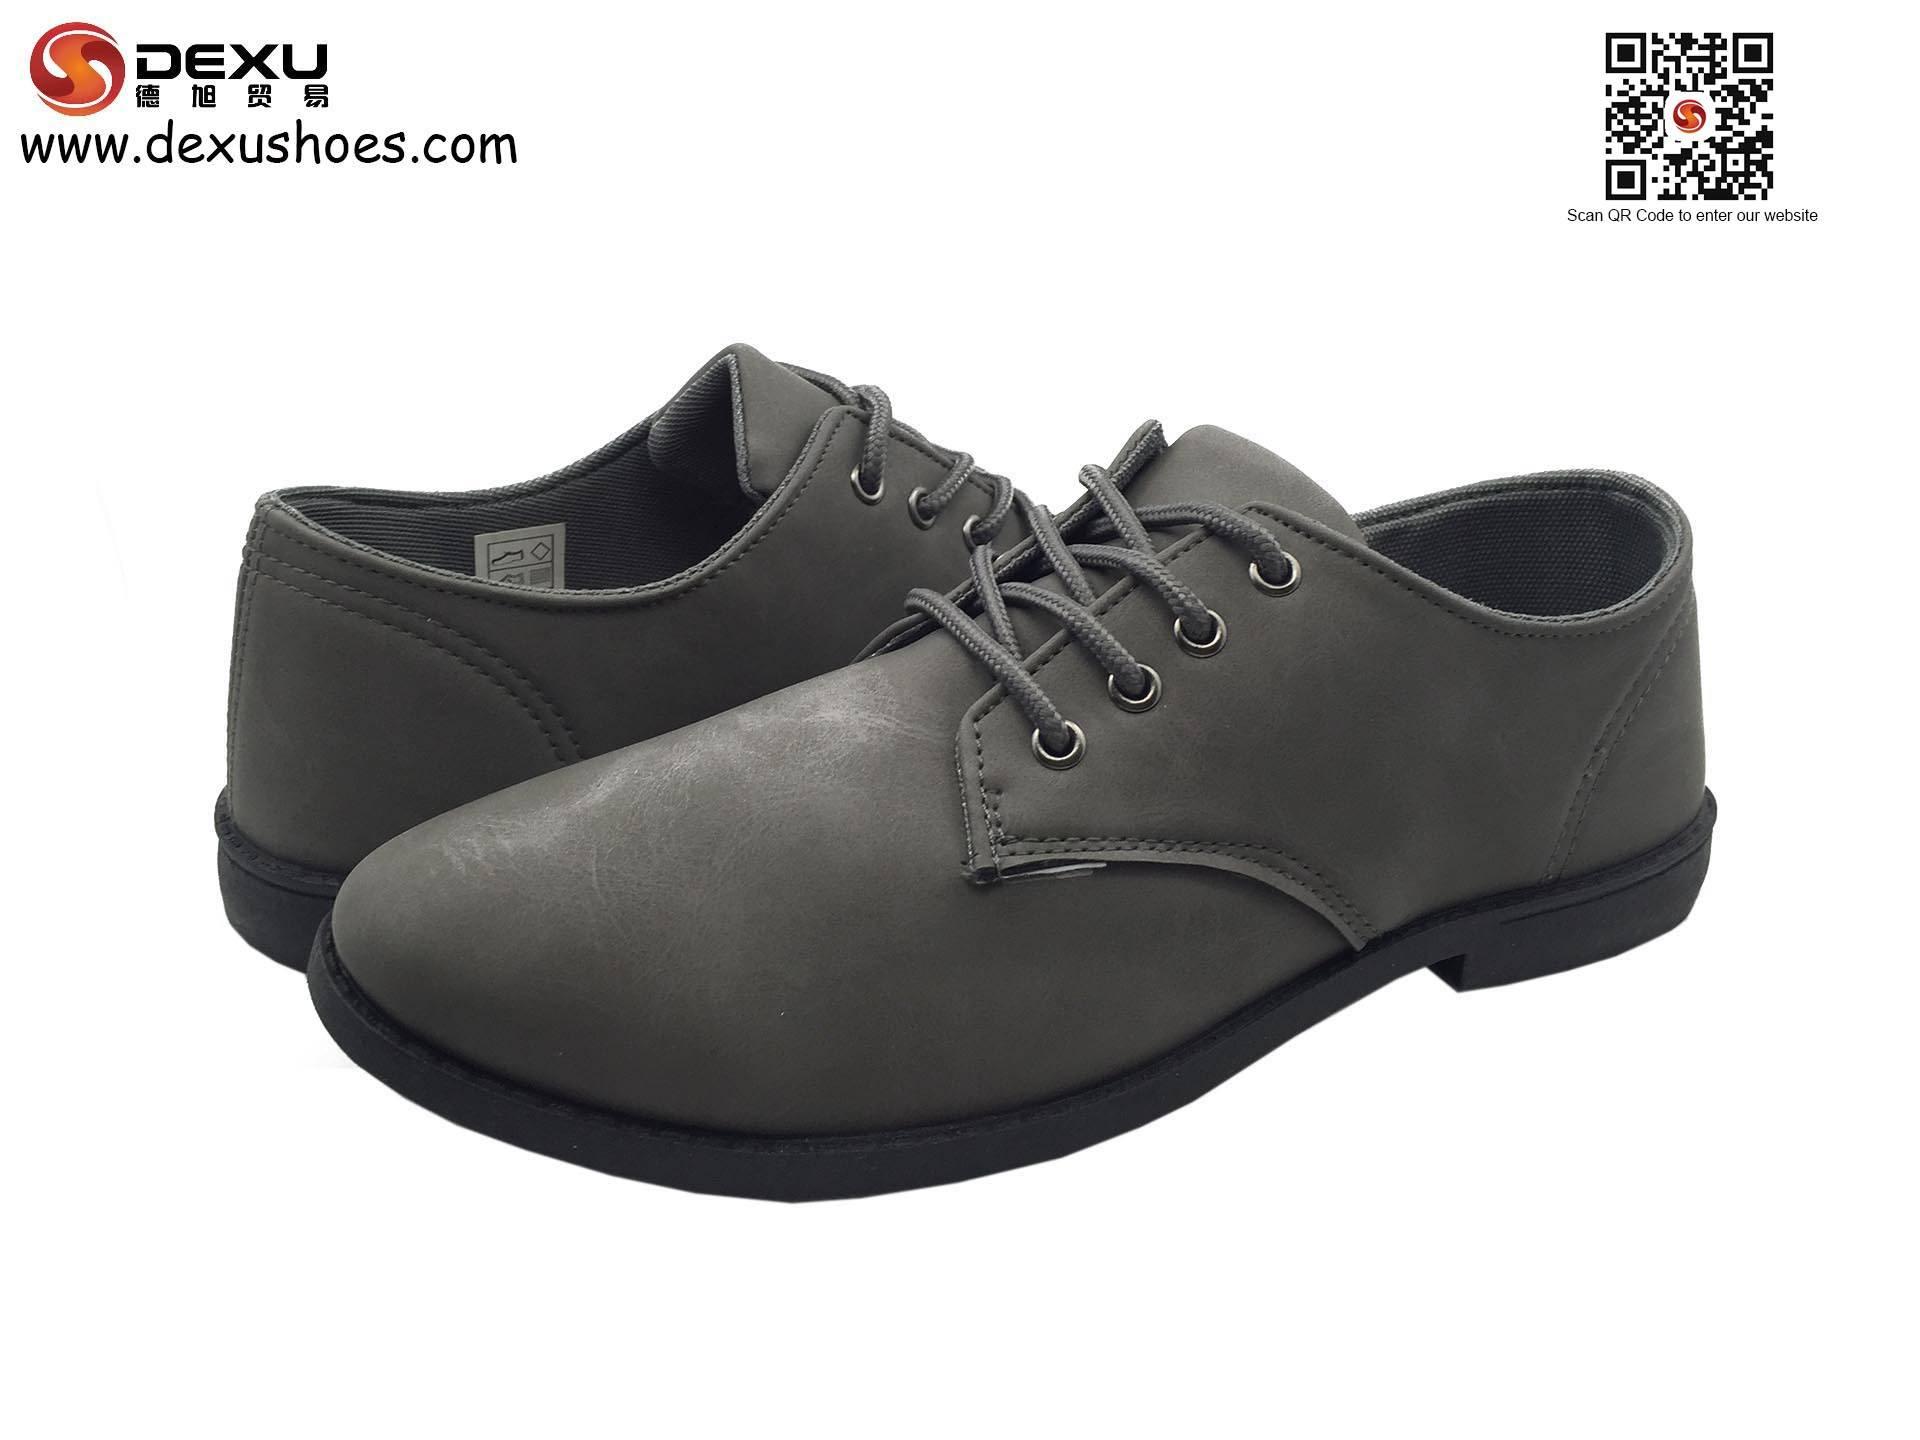 DEXU New model mens casual shoes